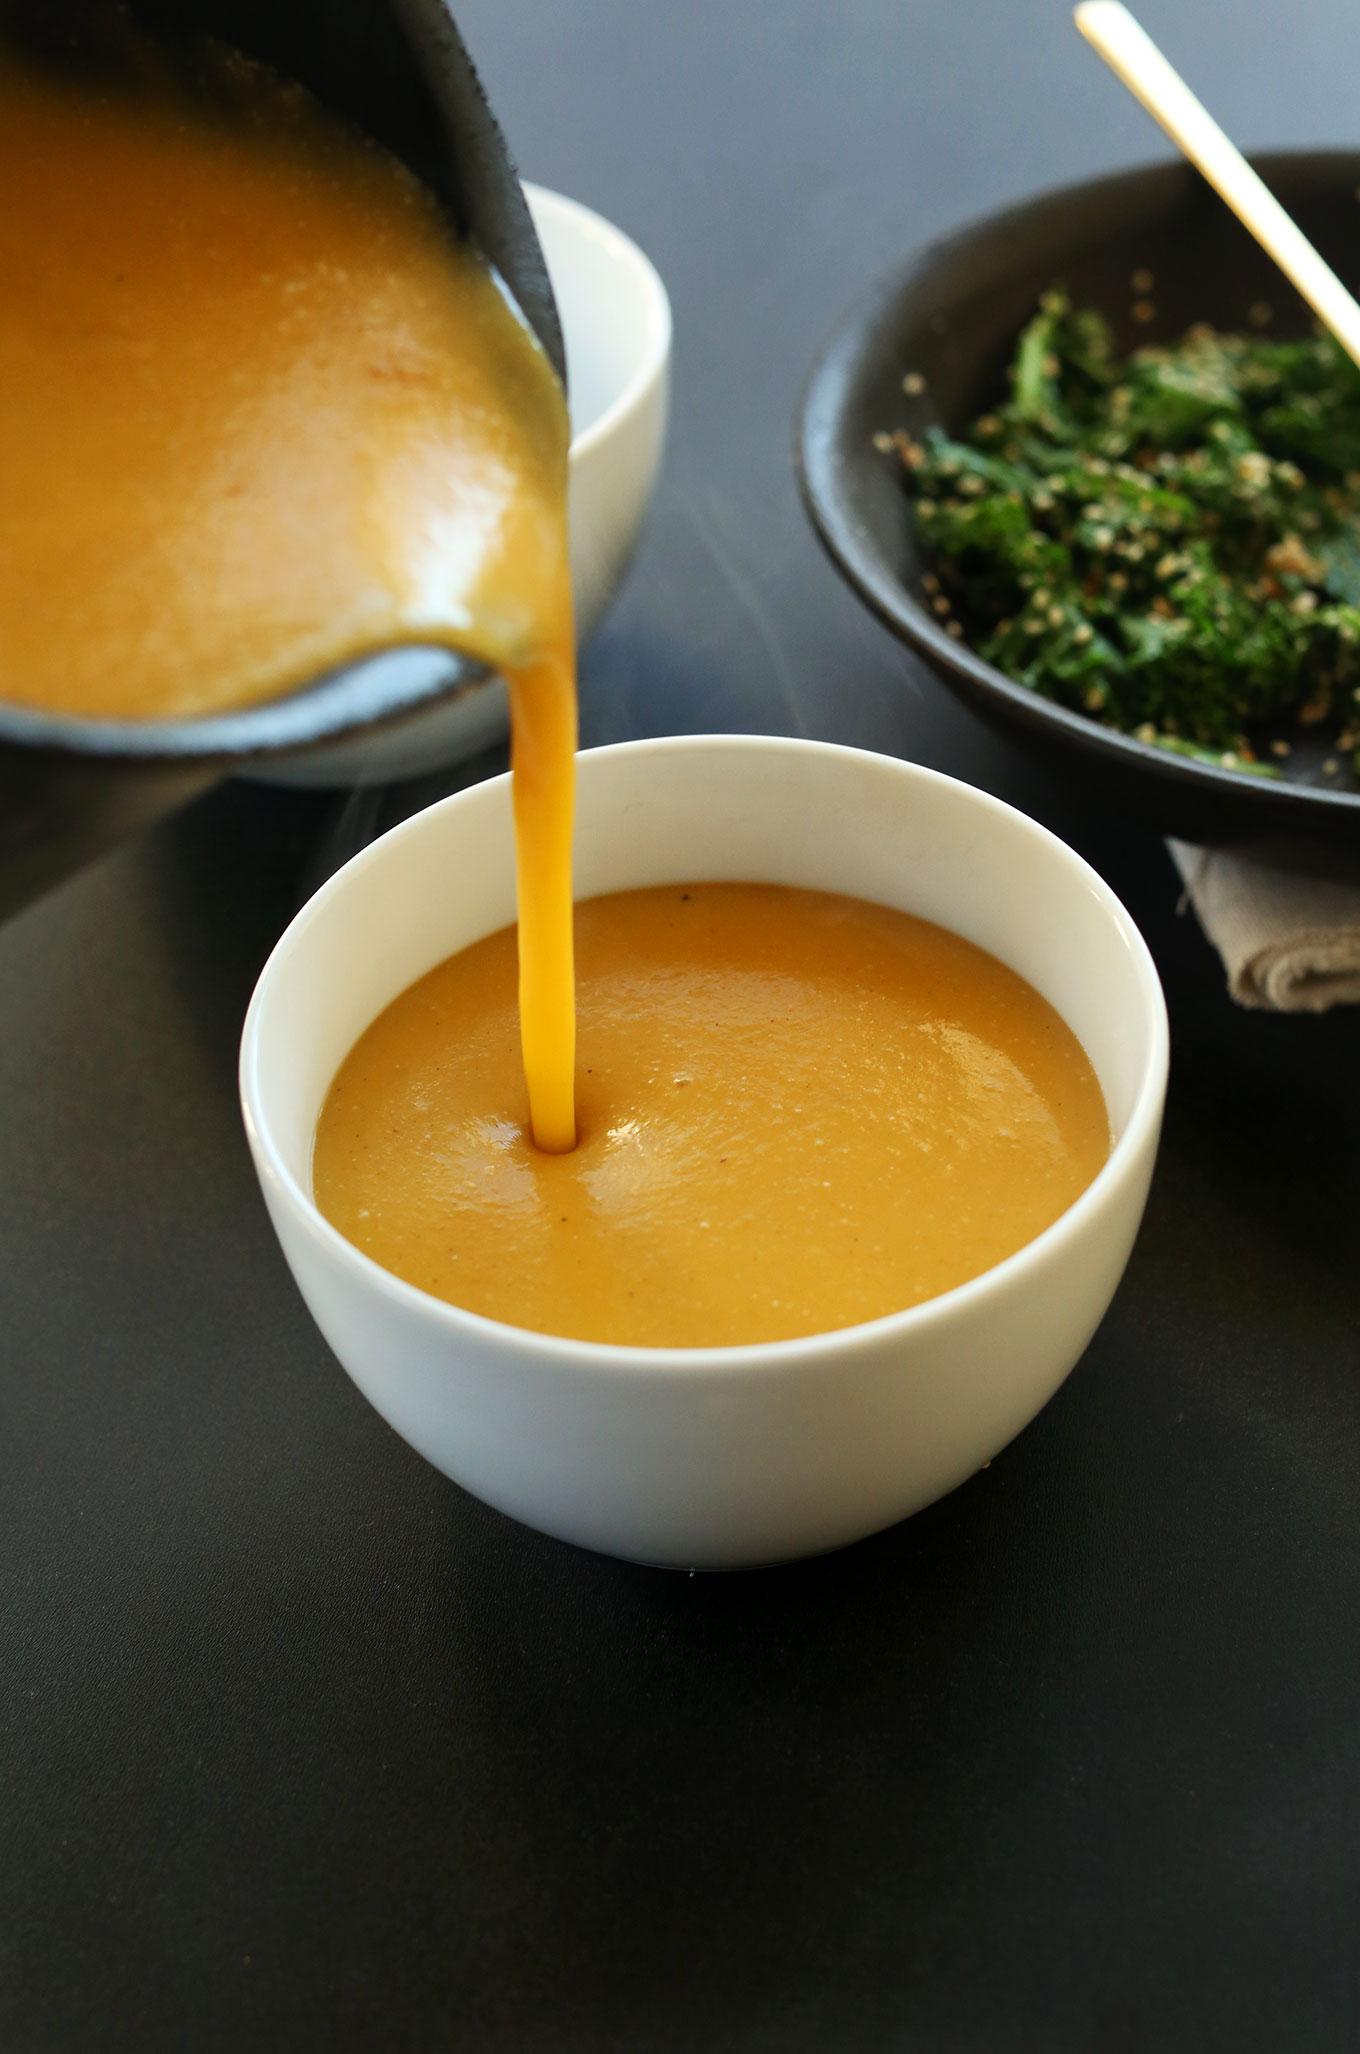 Pouring gluten-free vegan Pumpkin Soup into a bowl